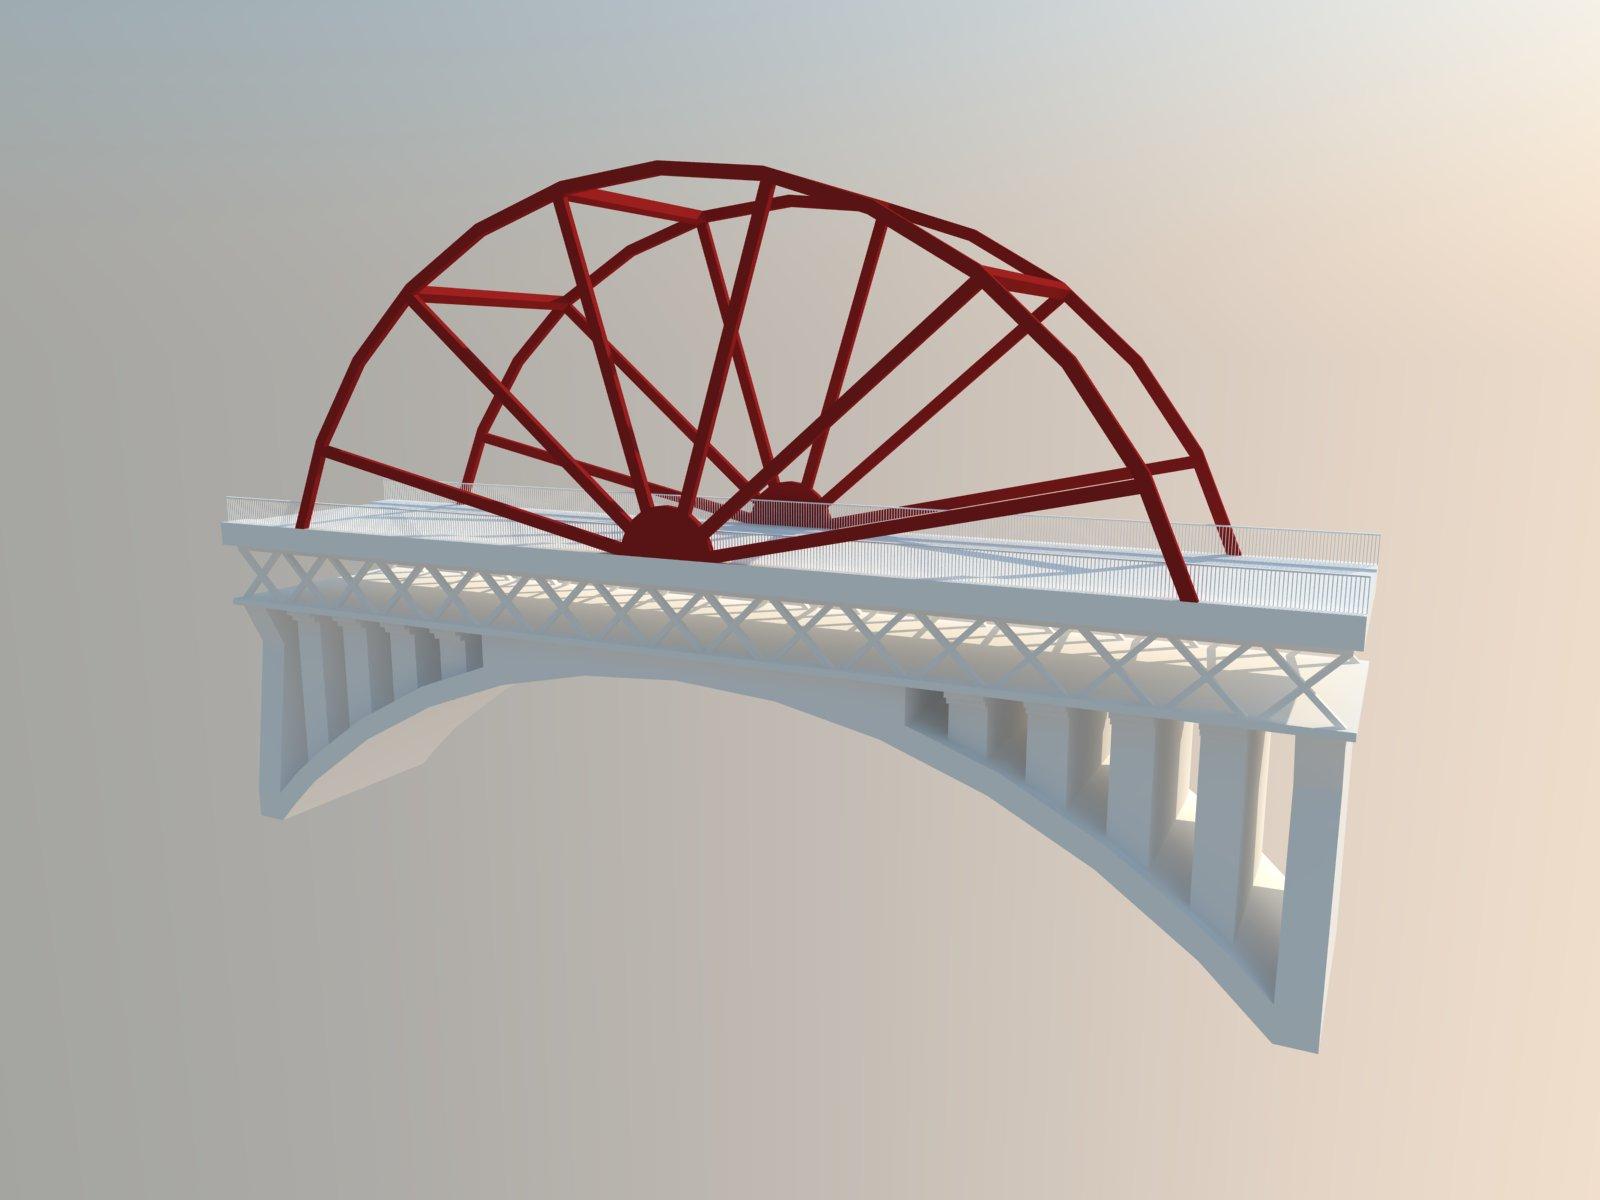 园林景观高架桥SketchUp模型